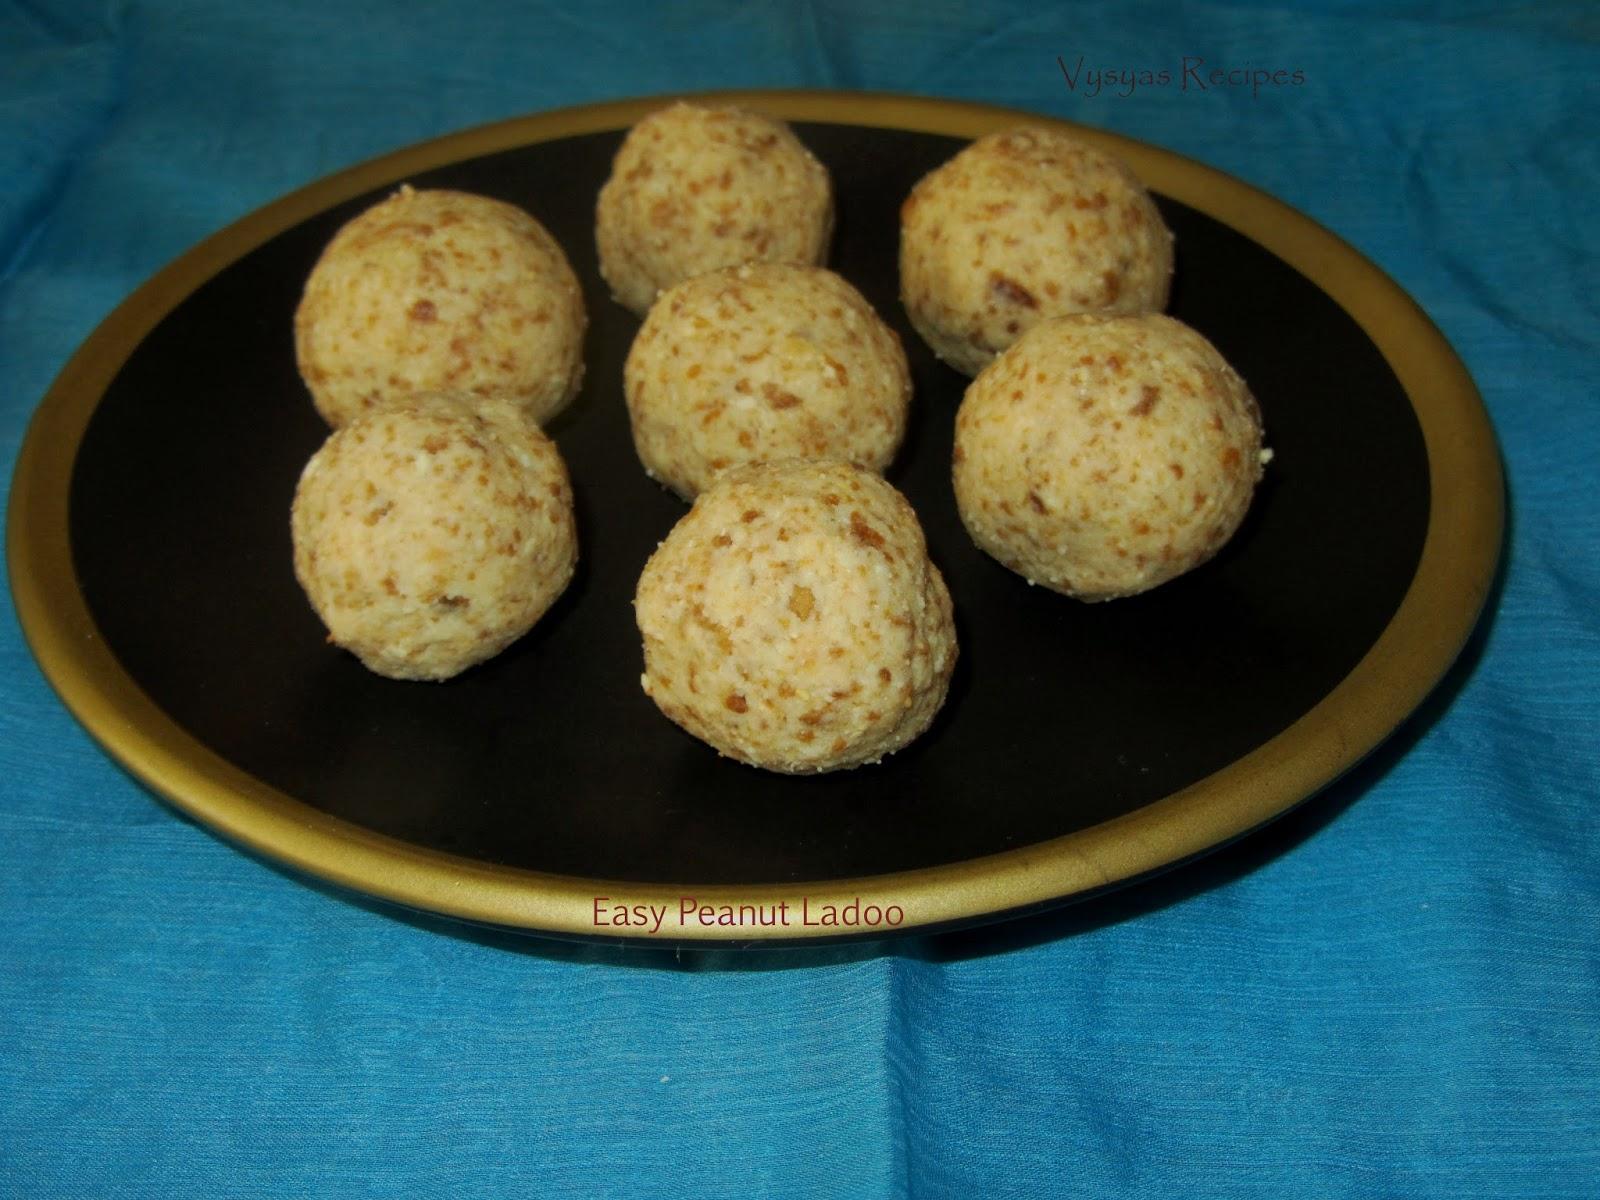 peanut ladoo - instant peanut laddu - easy kadlekai   unde